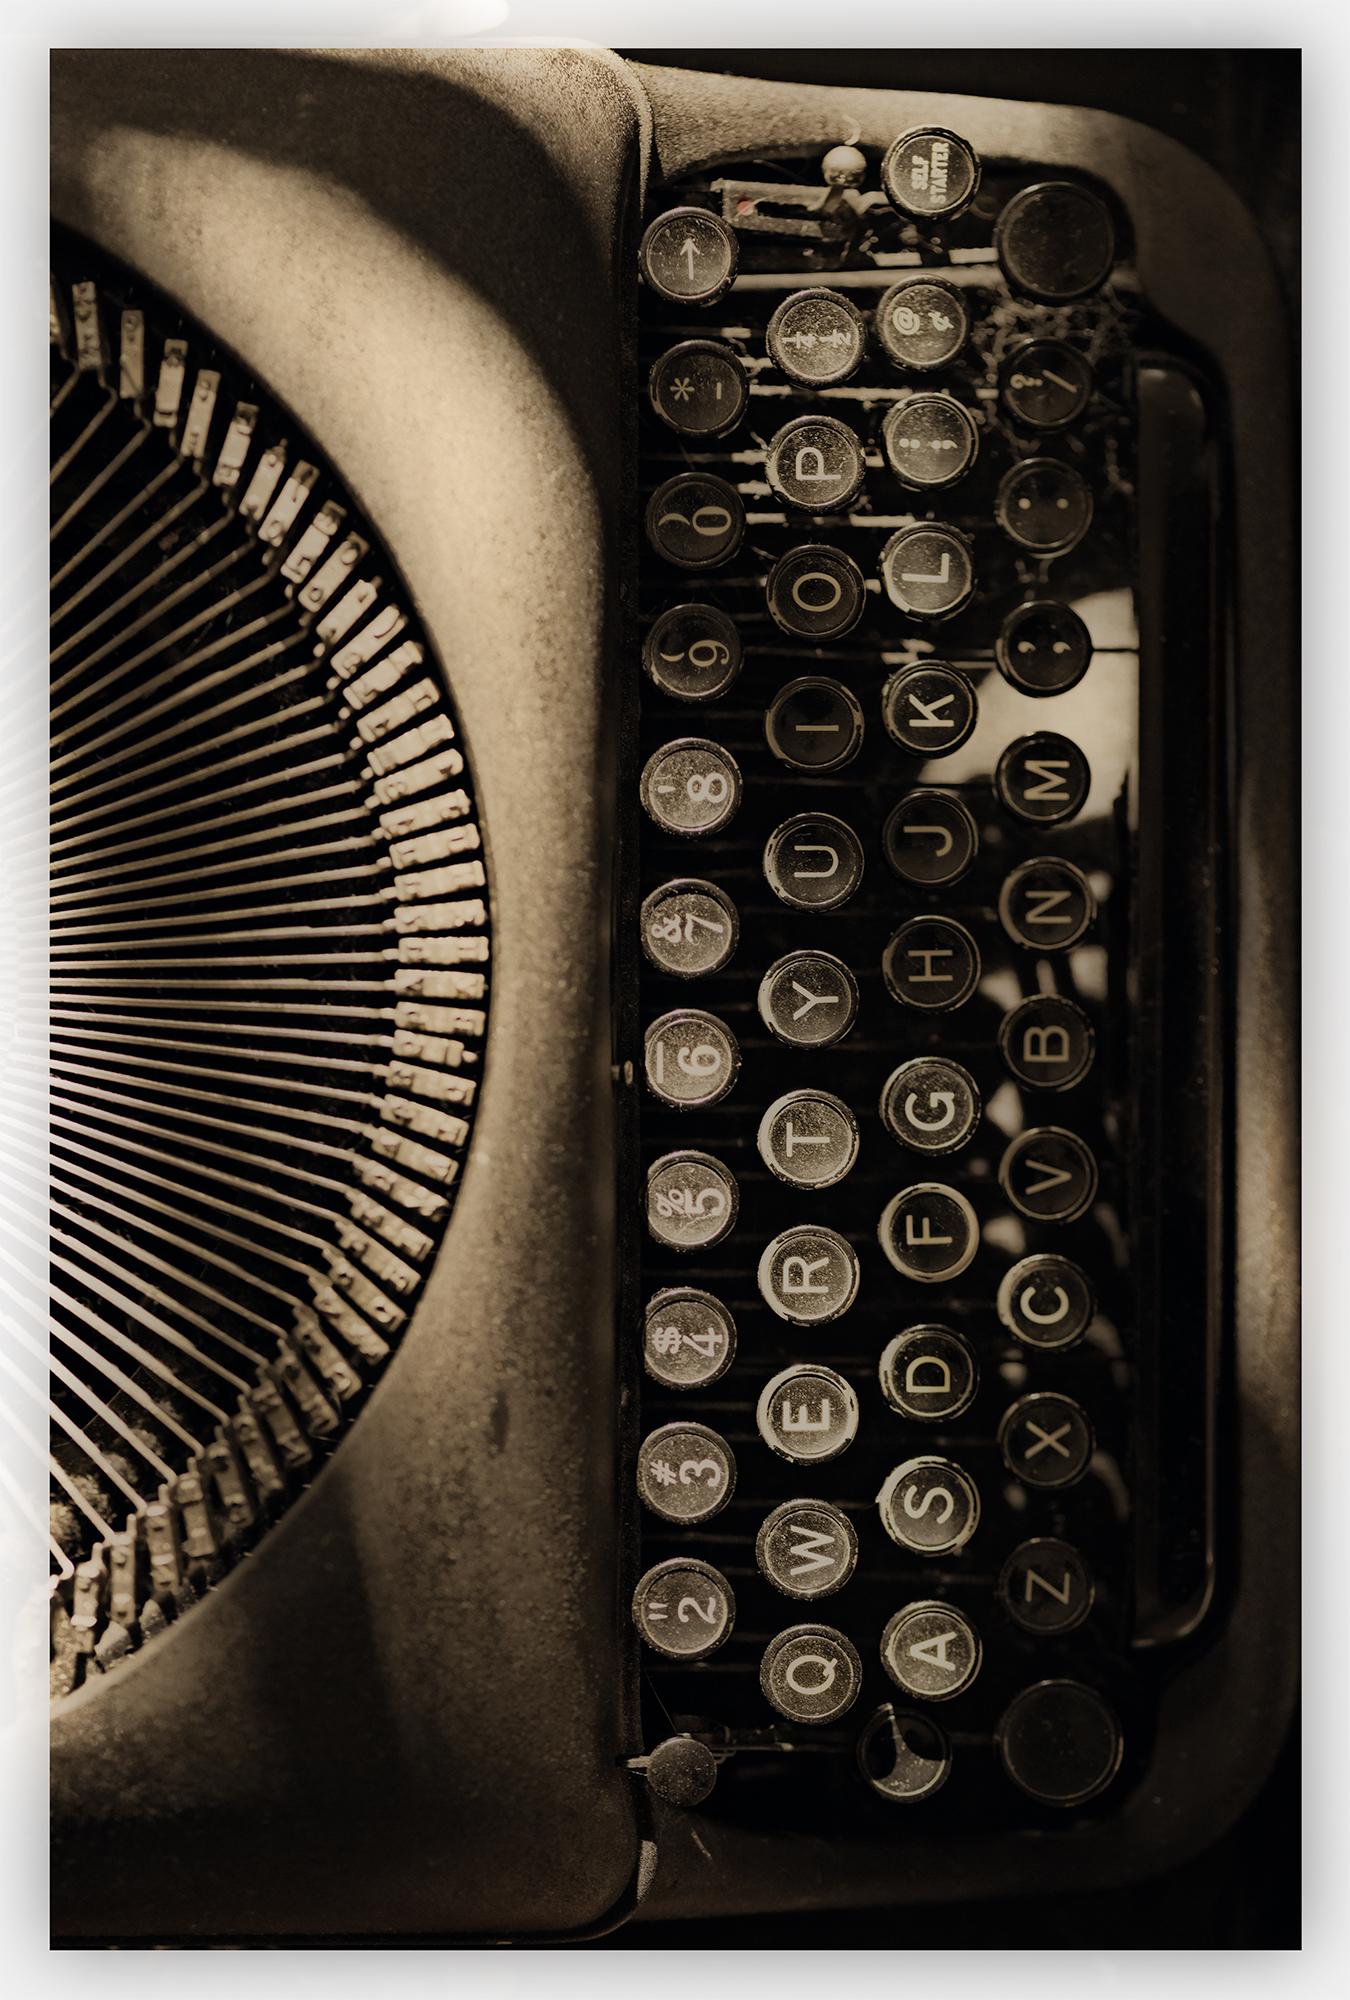 Fred's typewriter.